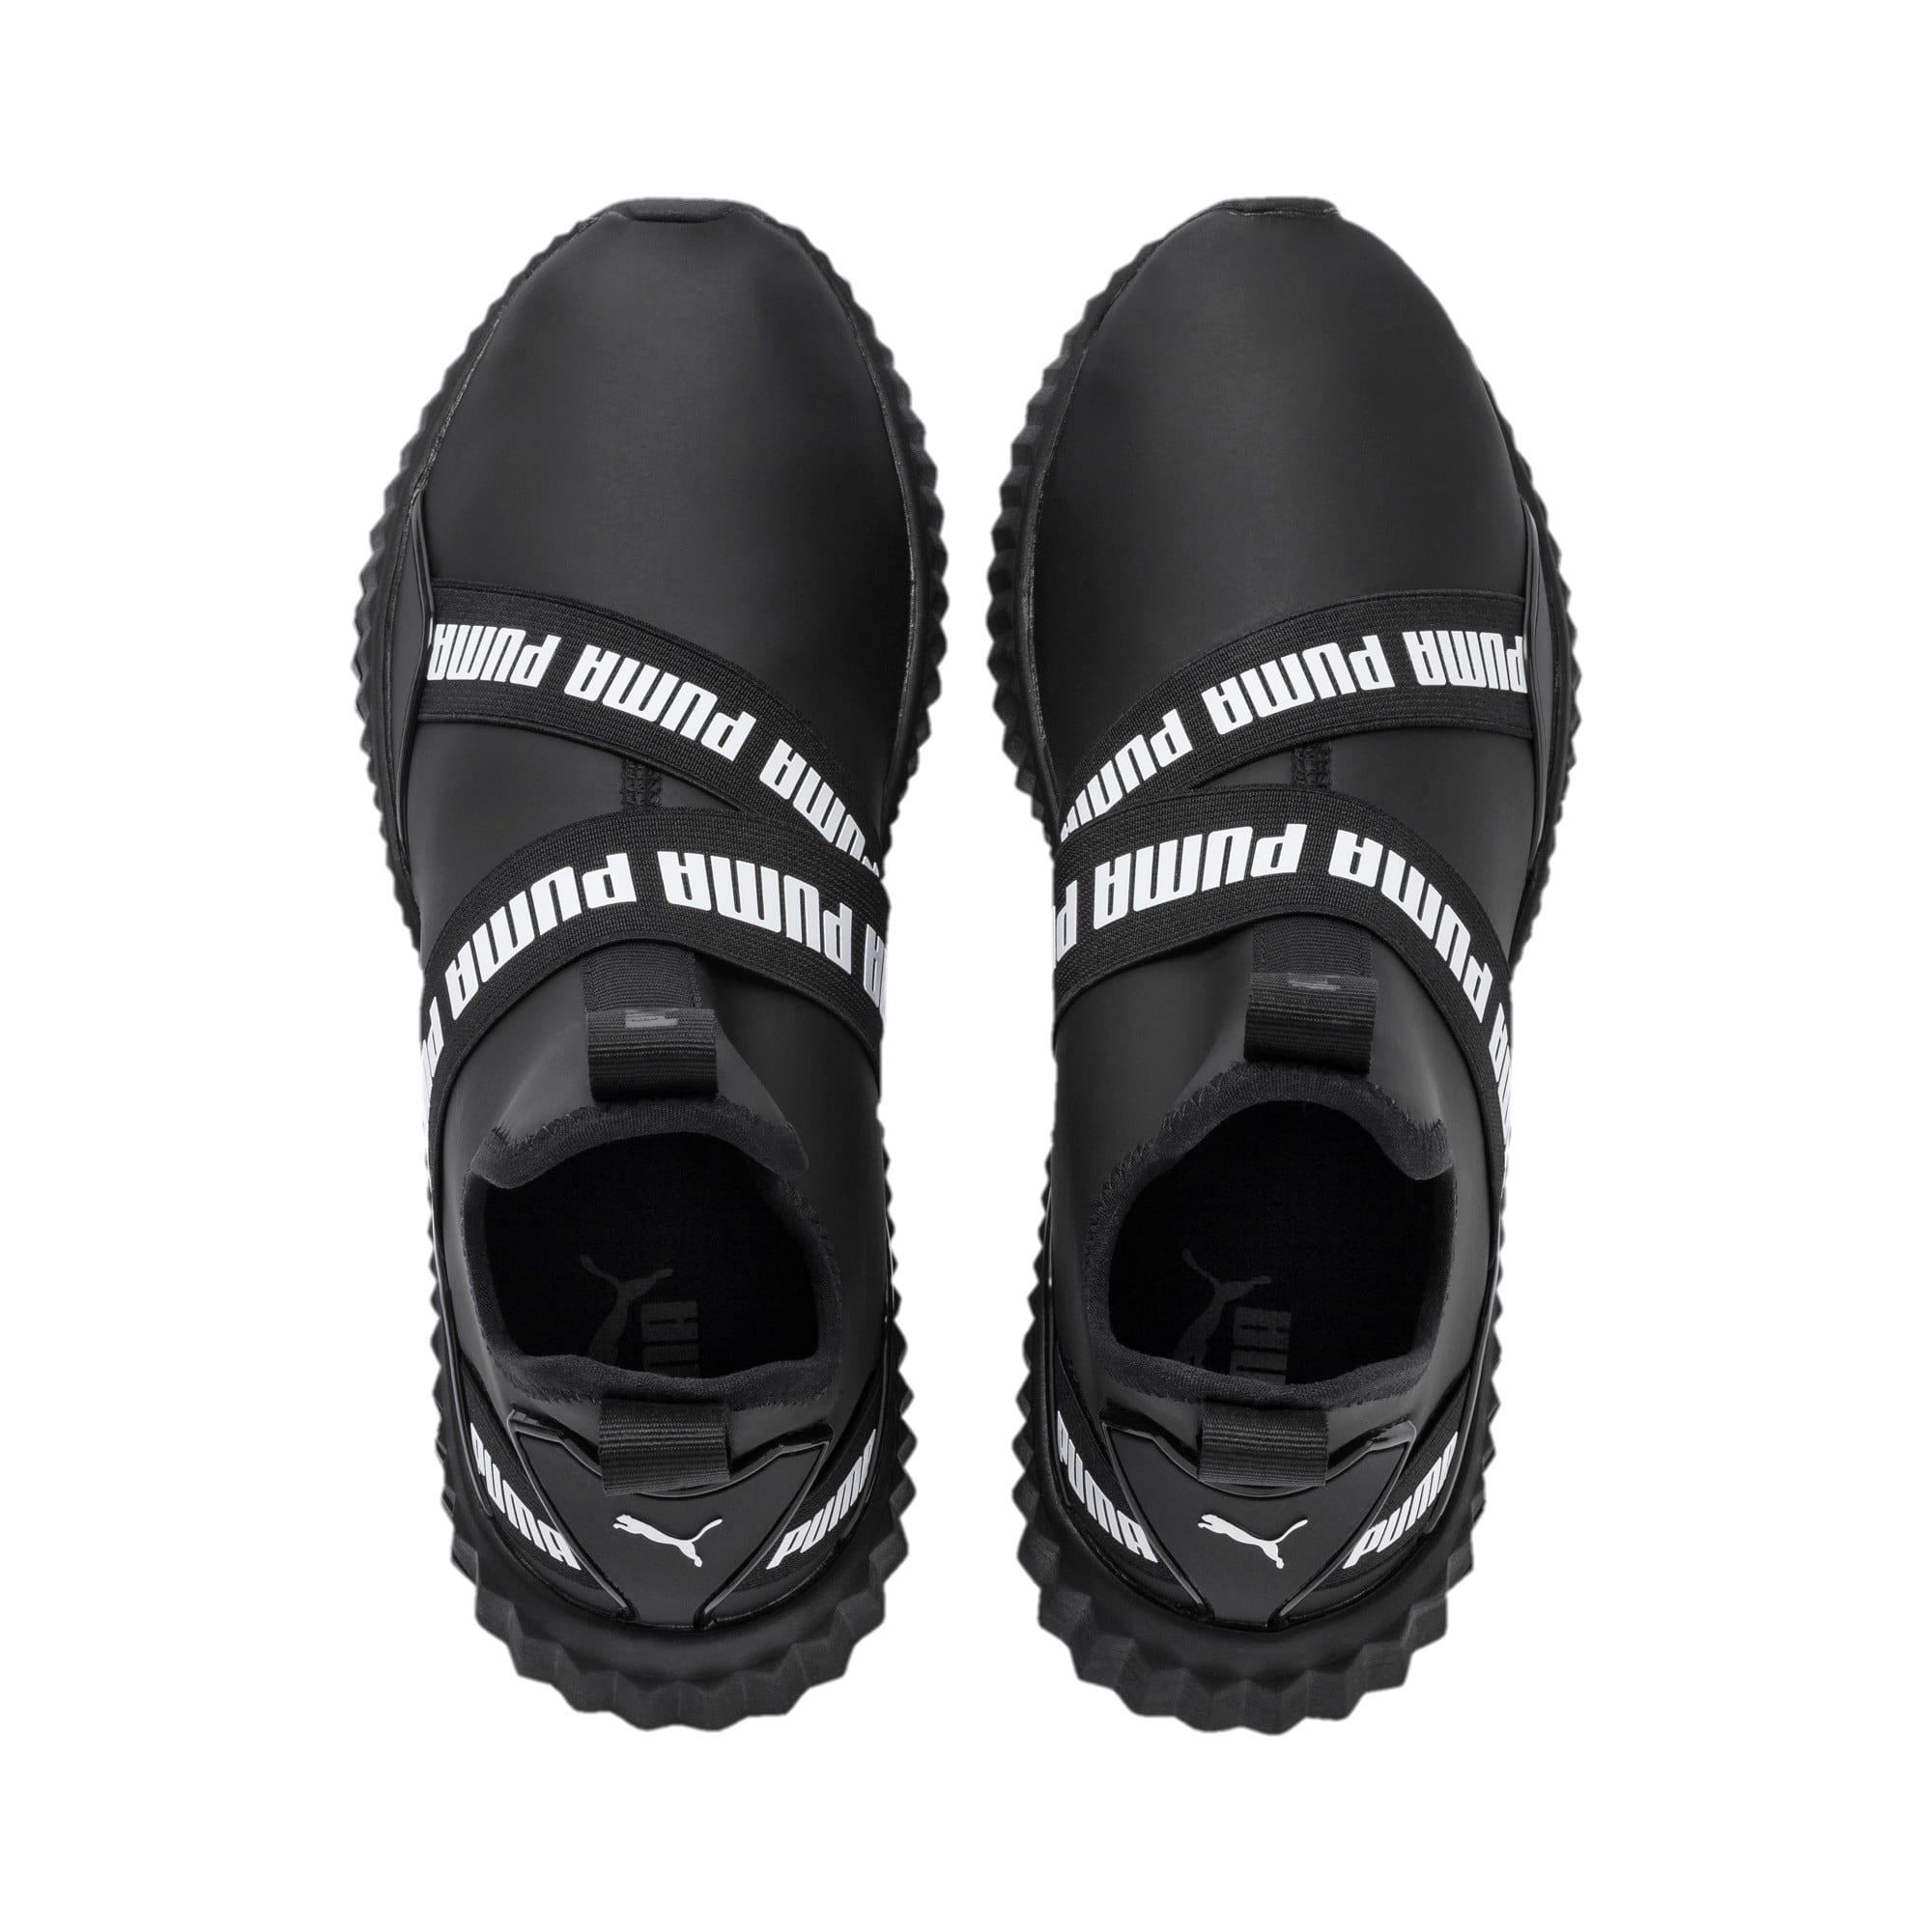 Imagen en miniatura 7 de Zapatillas de mujer Defy Mid Matte, Puma Black-Puma White, mediana